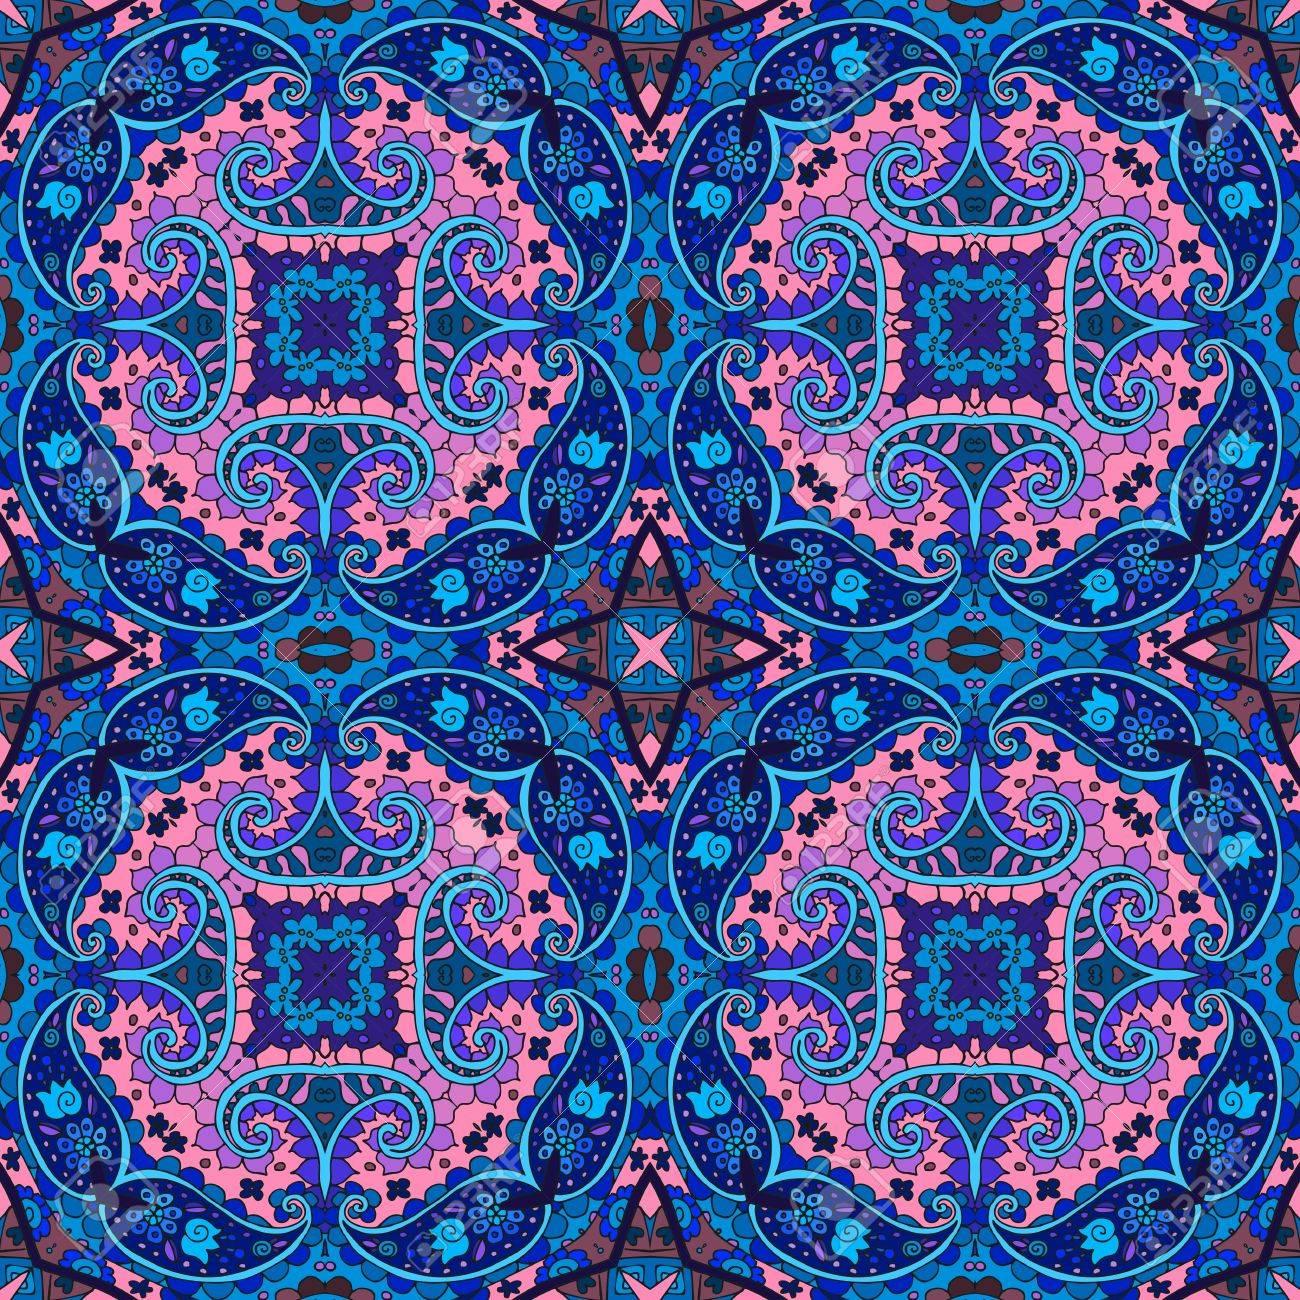 detaillierte floralen und paisley nahtlose muster in rosa und blauen tnen vektor hintergrund - Bettwasche Paisley Muster